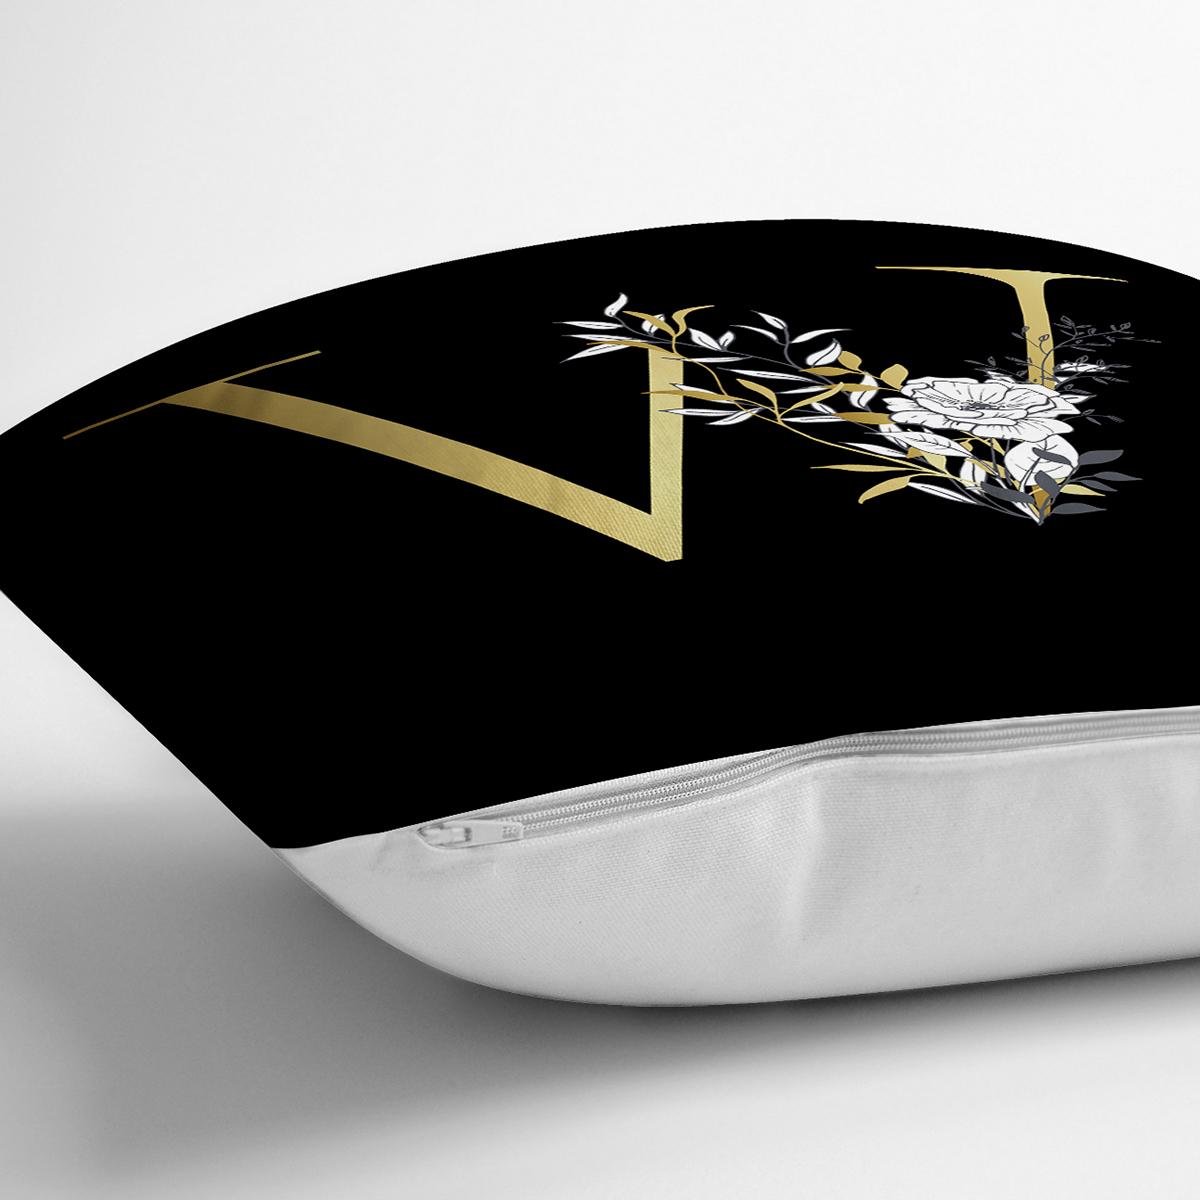 Siyah Zemin Beyaz Gül Motifli Gold W Harfi Özel Tasarım Dijital Baskılı Yastık Kırlent Kılıfı Realhomes